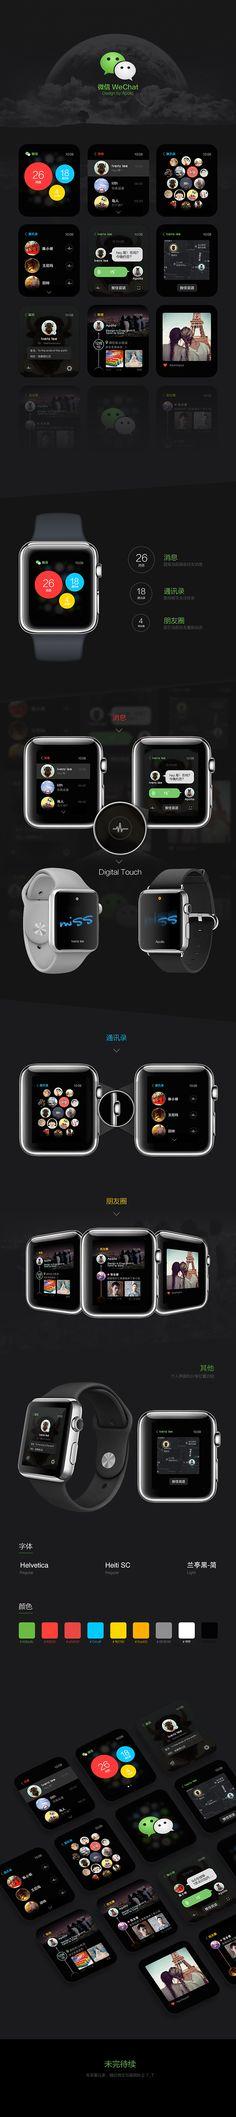 Wechact Apple watch ui on Behance